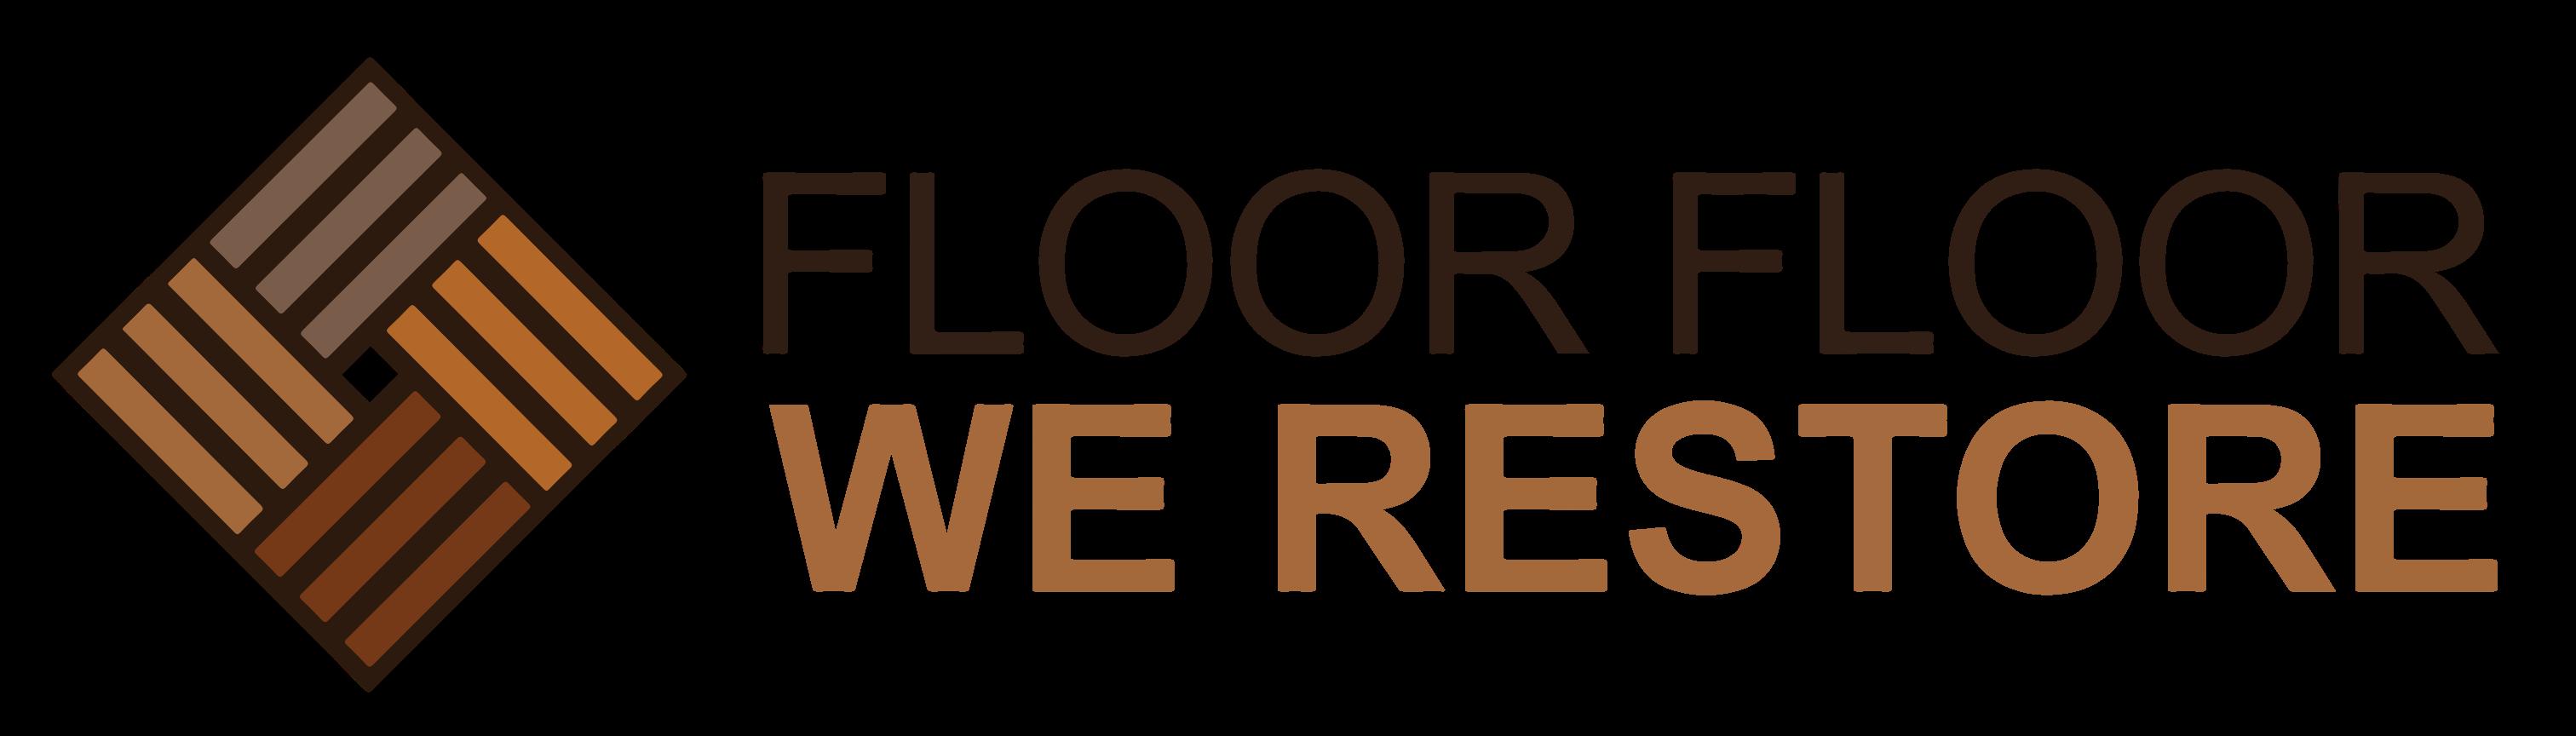 Floor Floor We Restore